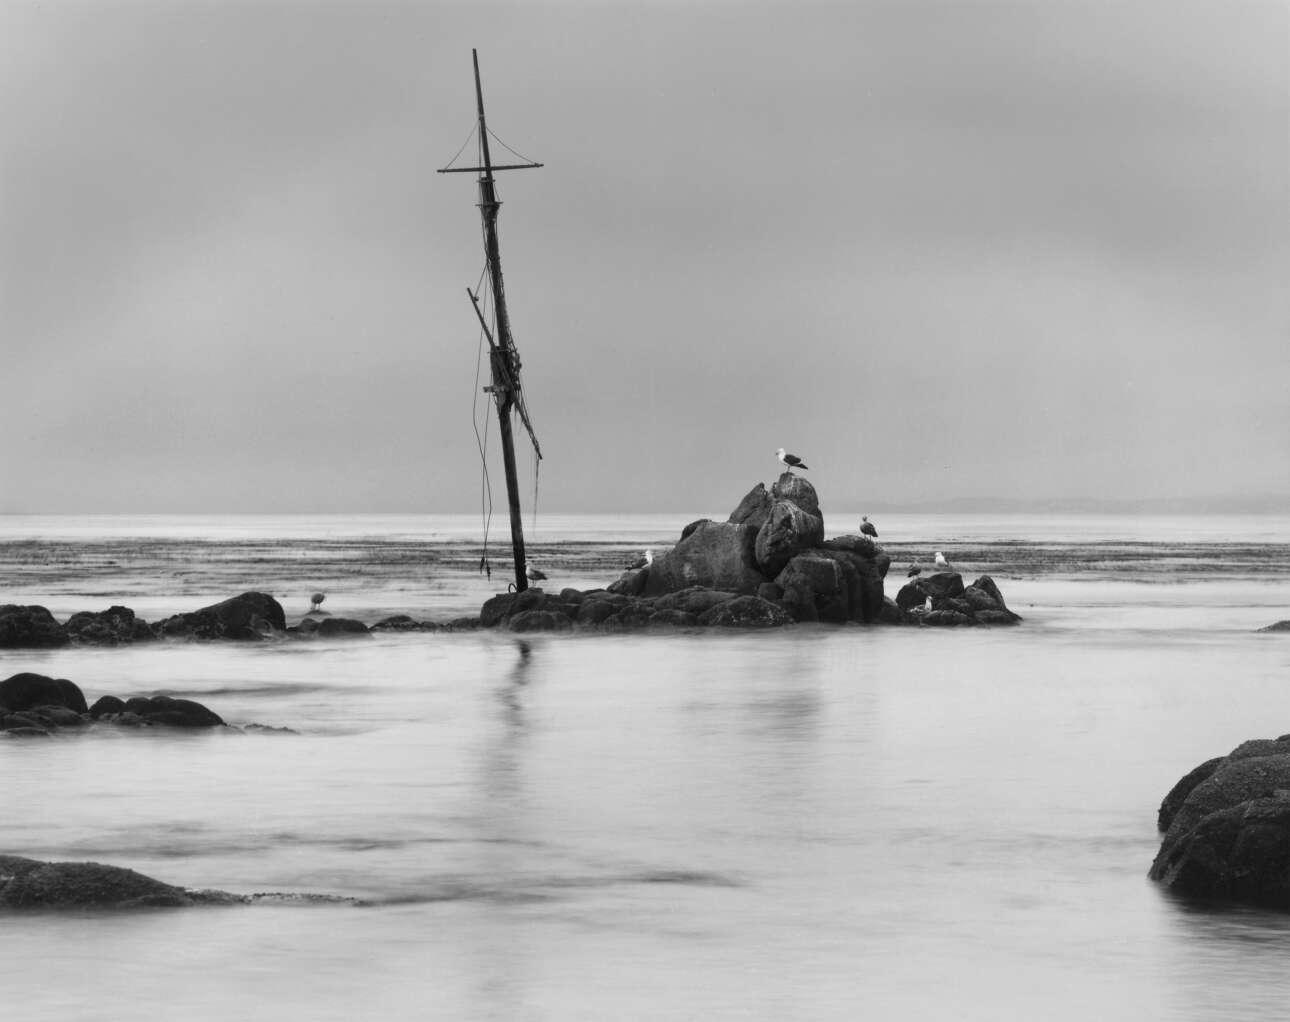 «Το κατάρτι», 1968. «Τα μυστήρια βρίσκονται παντού τριγύρω μας, ακόμη και στα γνώριμα πράγματα, περιμένοντας μόνο να γίνουν αντιληπτά», γράφει ο Μπούλοκ